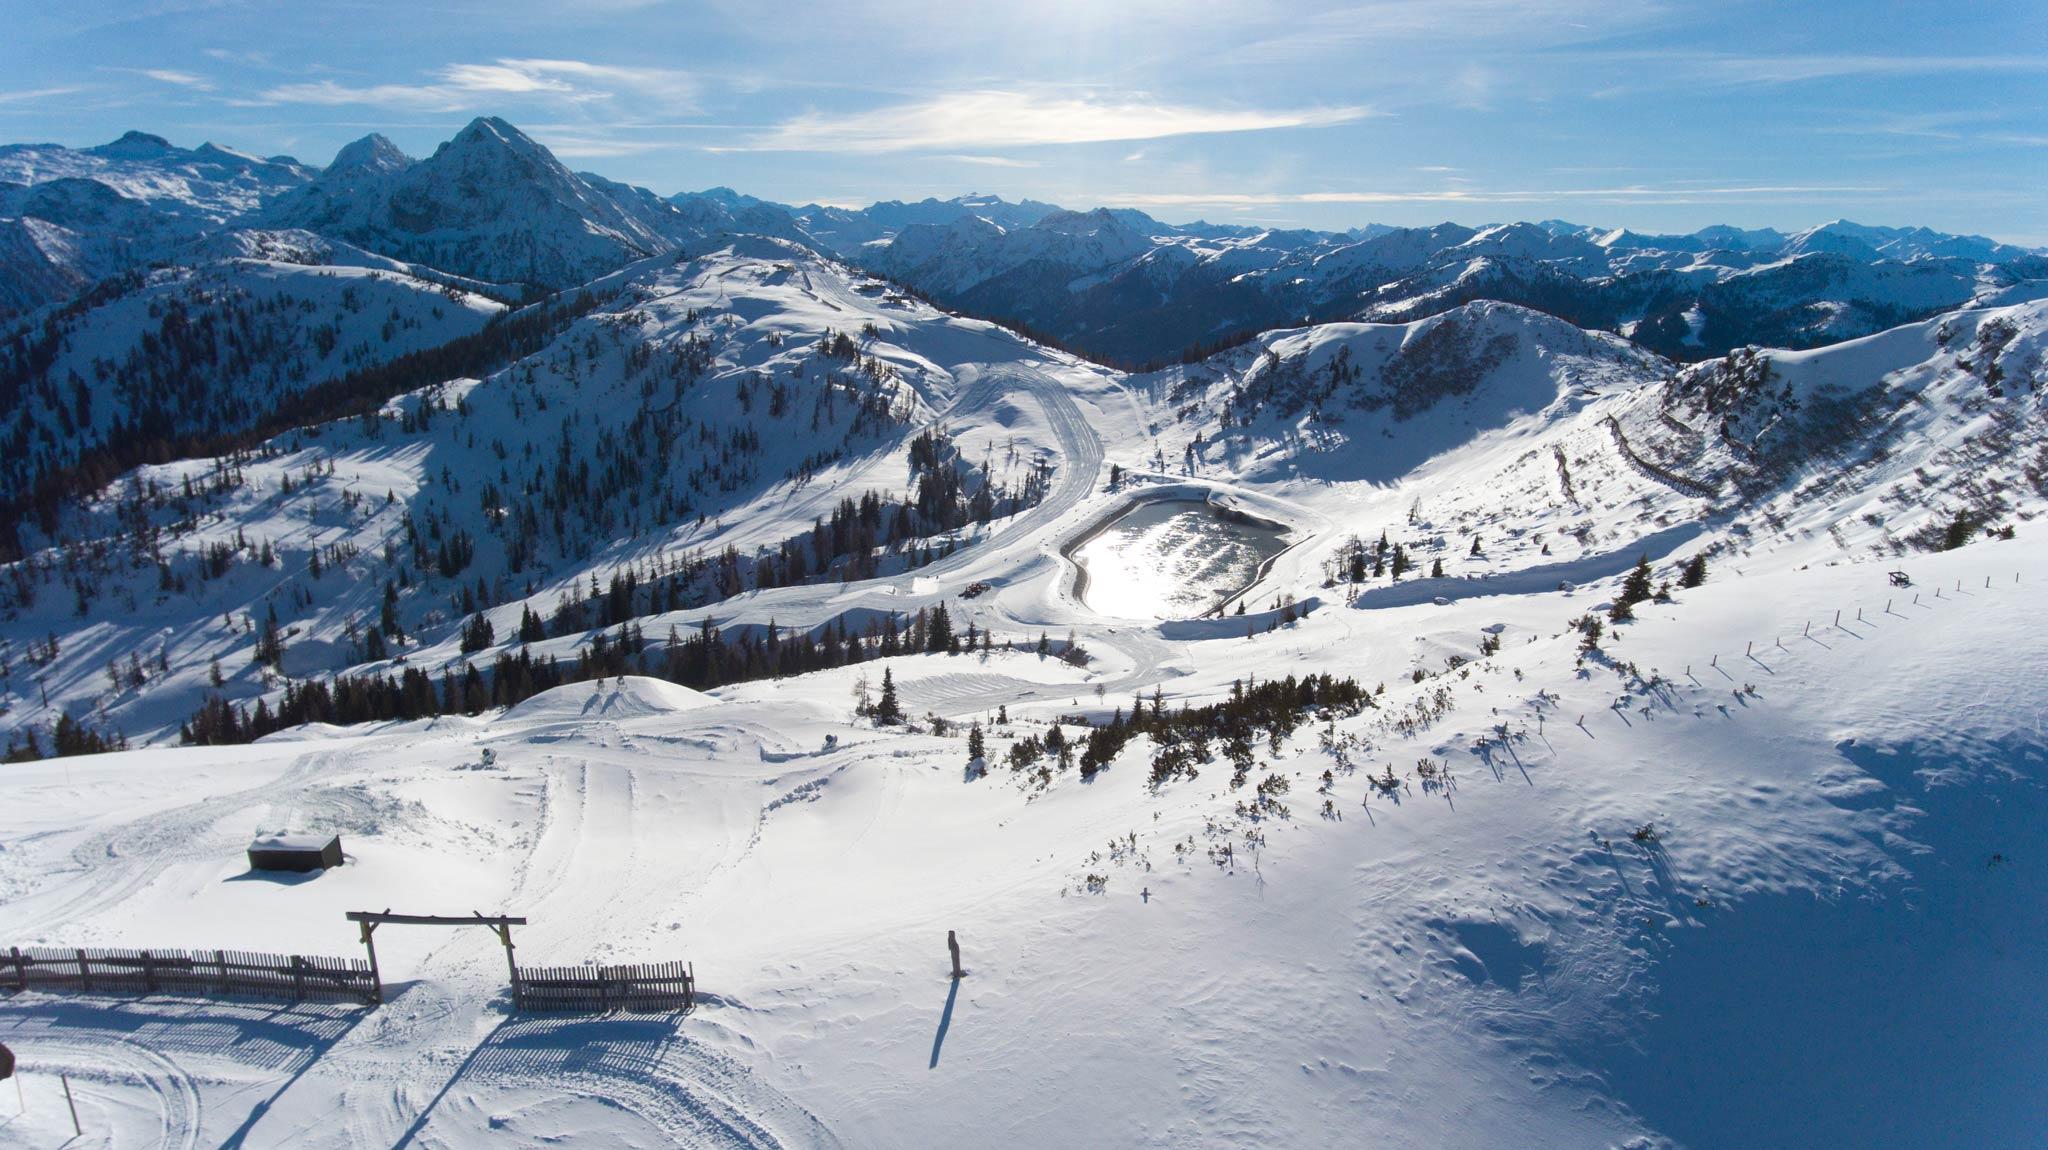 Am 2. Dezember öffnet das gesamte Skigebiet Flachauwinkl-Kleinarl mit sechs Bahnen.